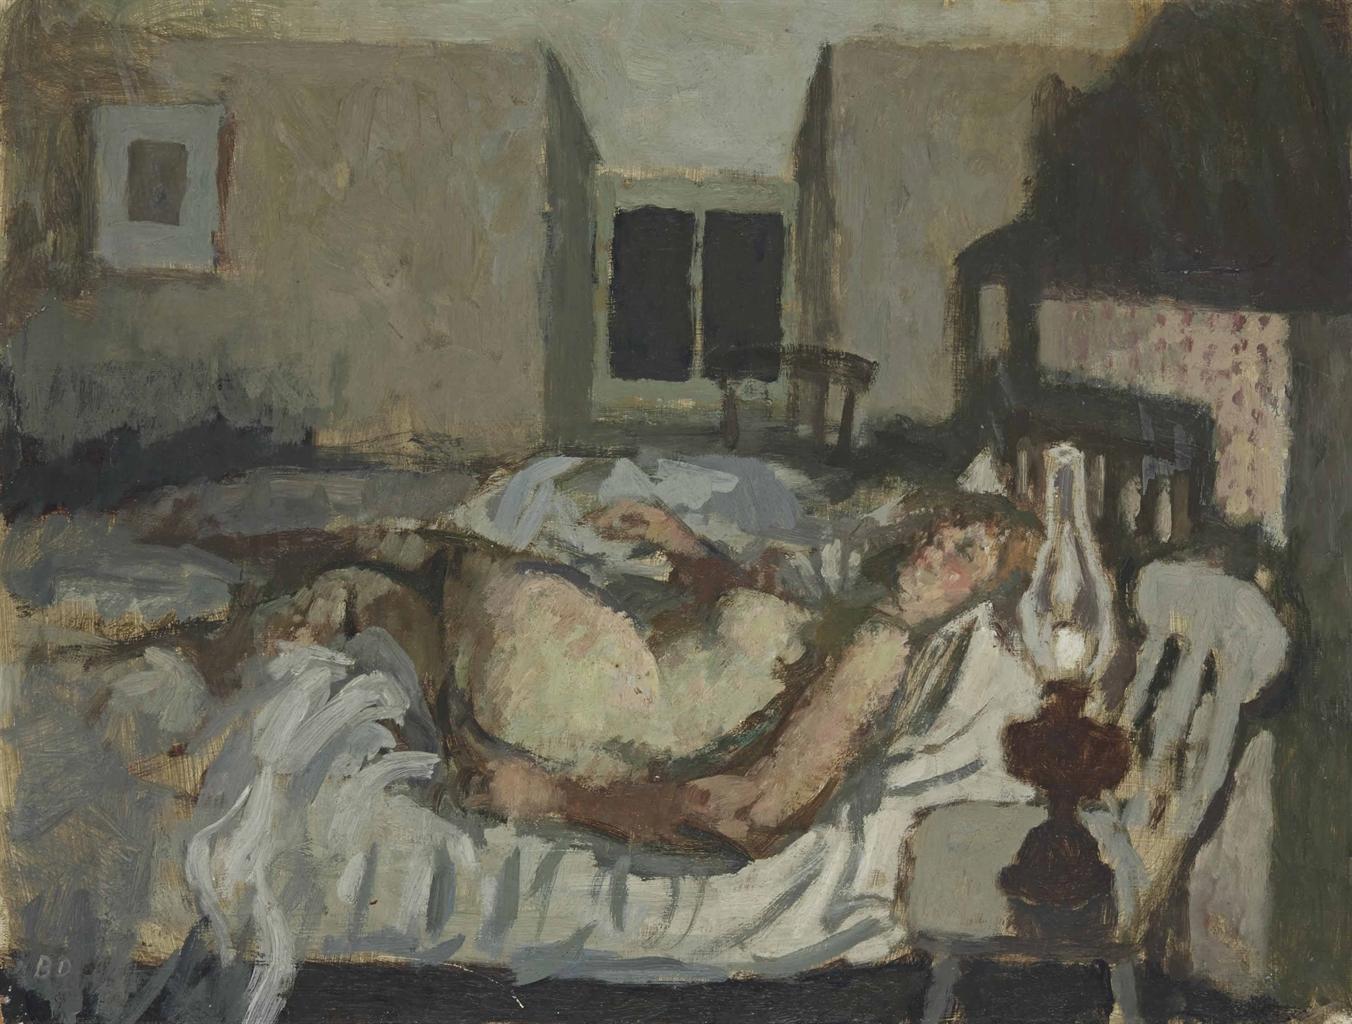 Bernard Dunstan-Cottage Bedroom-1960